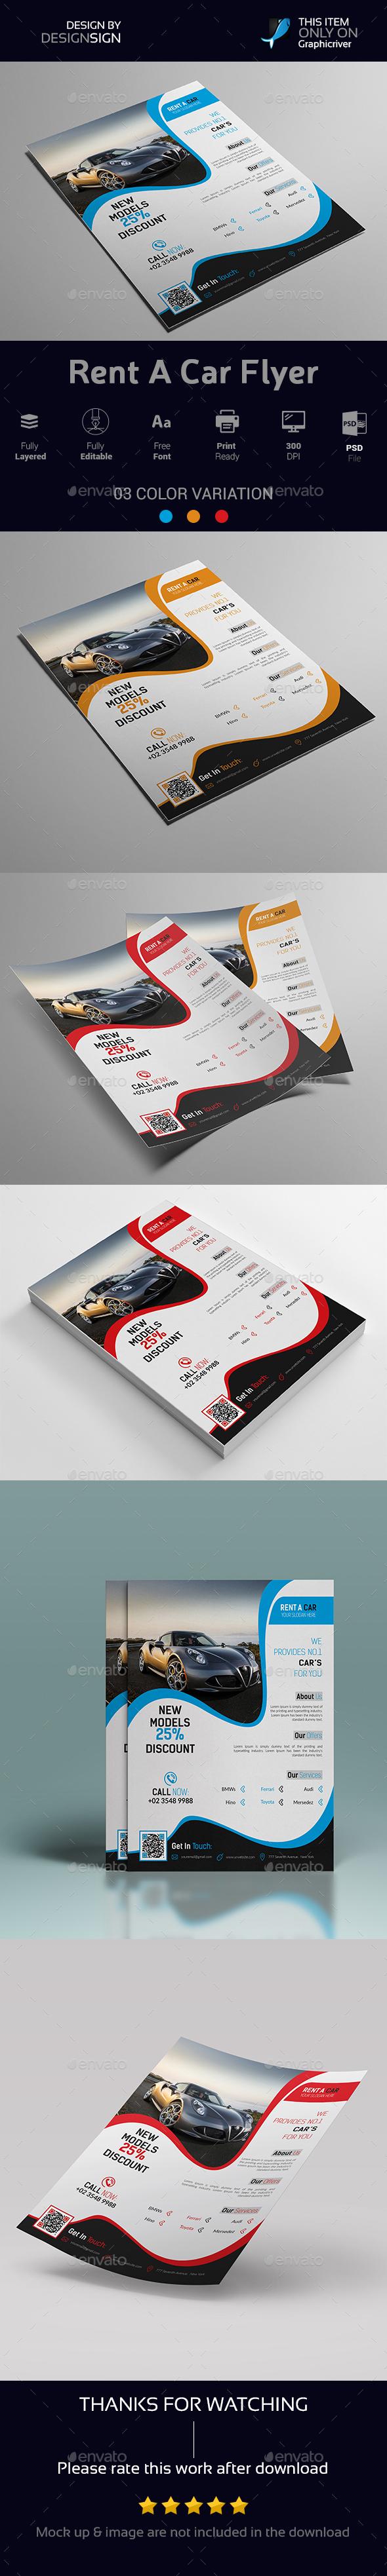 Rent A Car Flyer - Flyers Print Templates